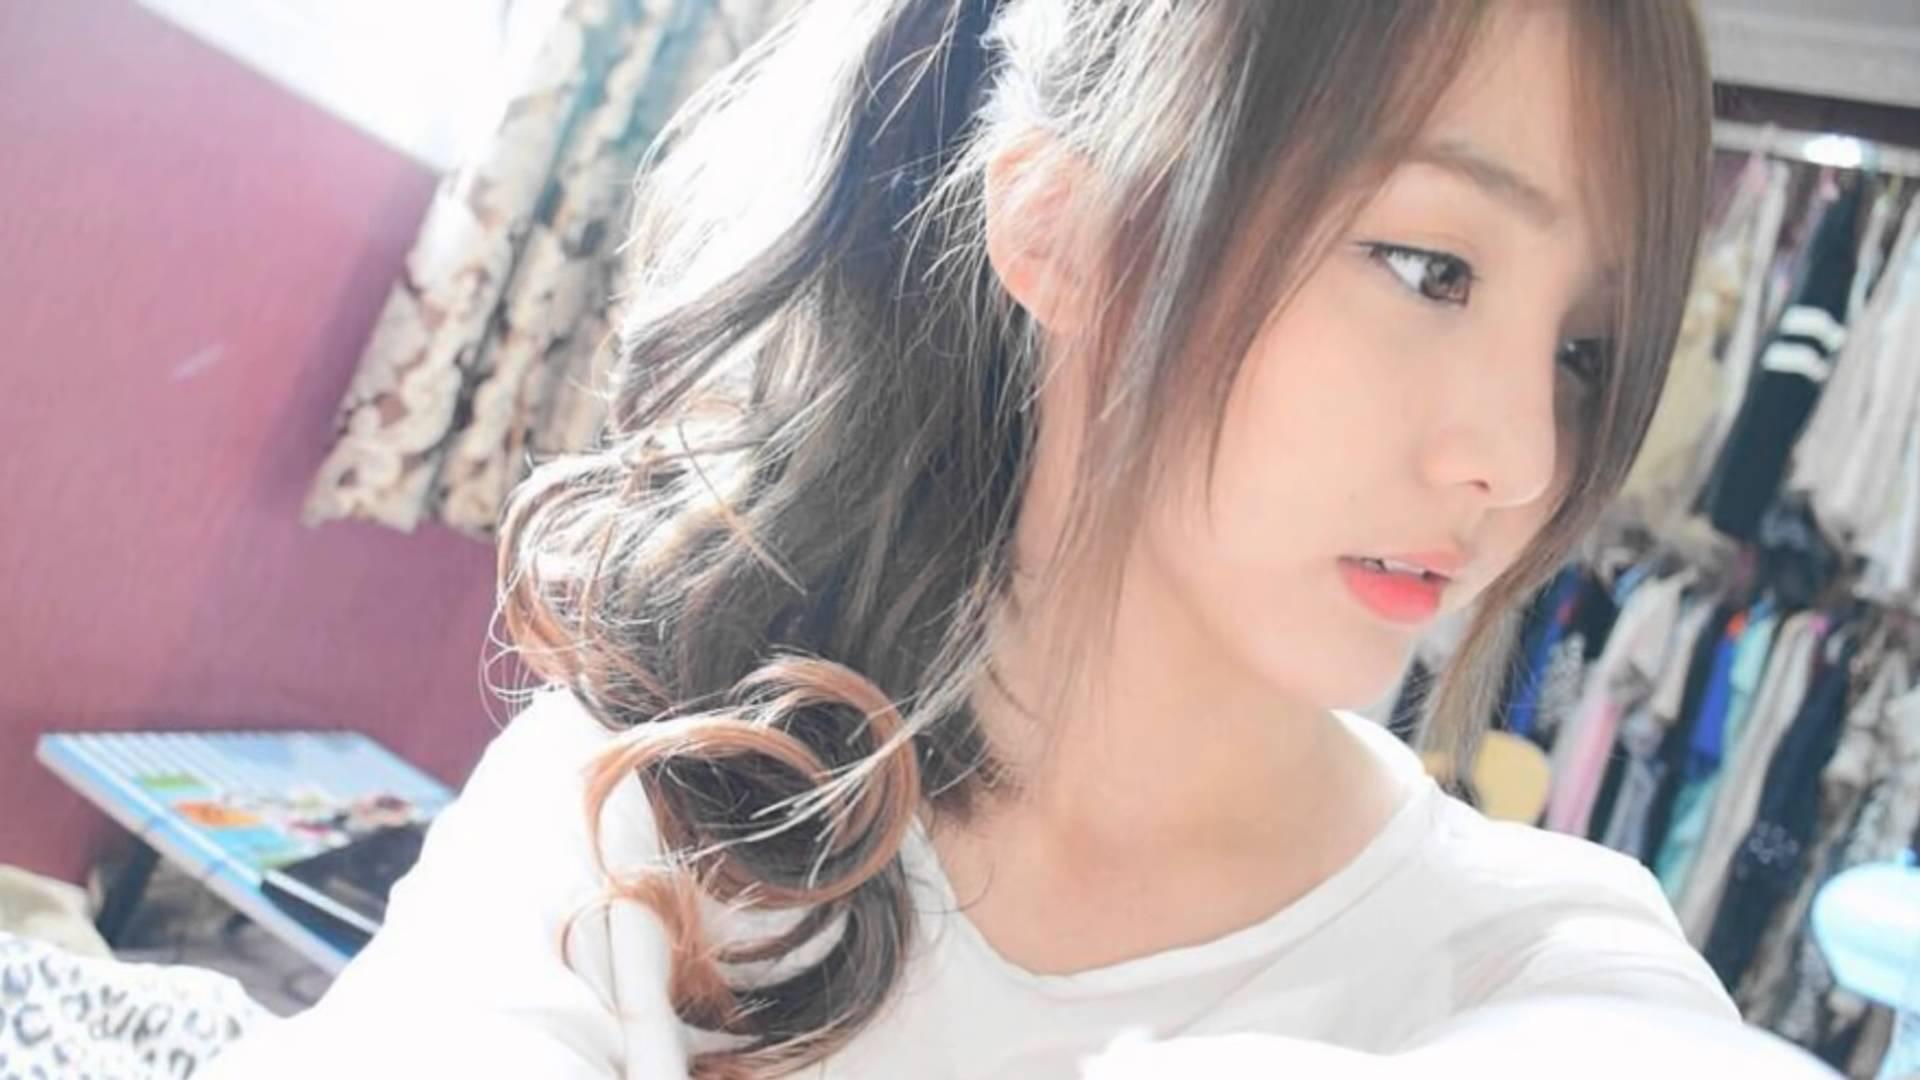 Thailand cute girl 2016 lovely voice! - YouTube